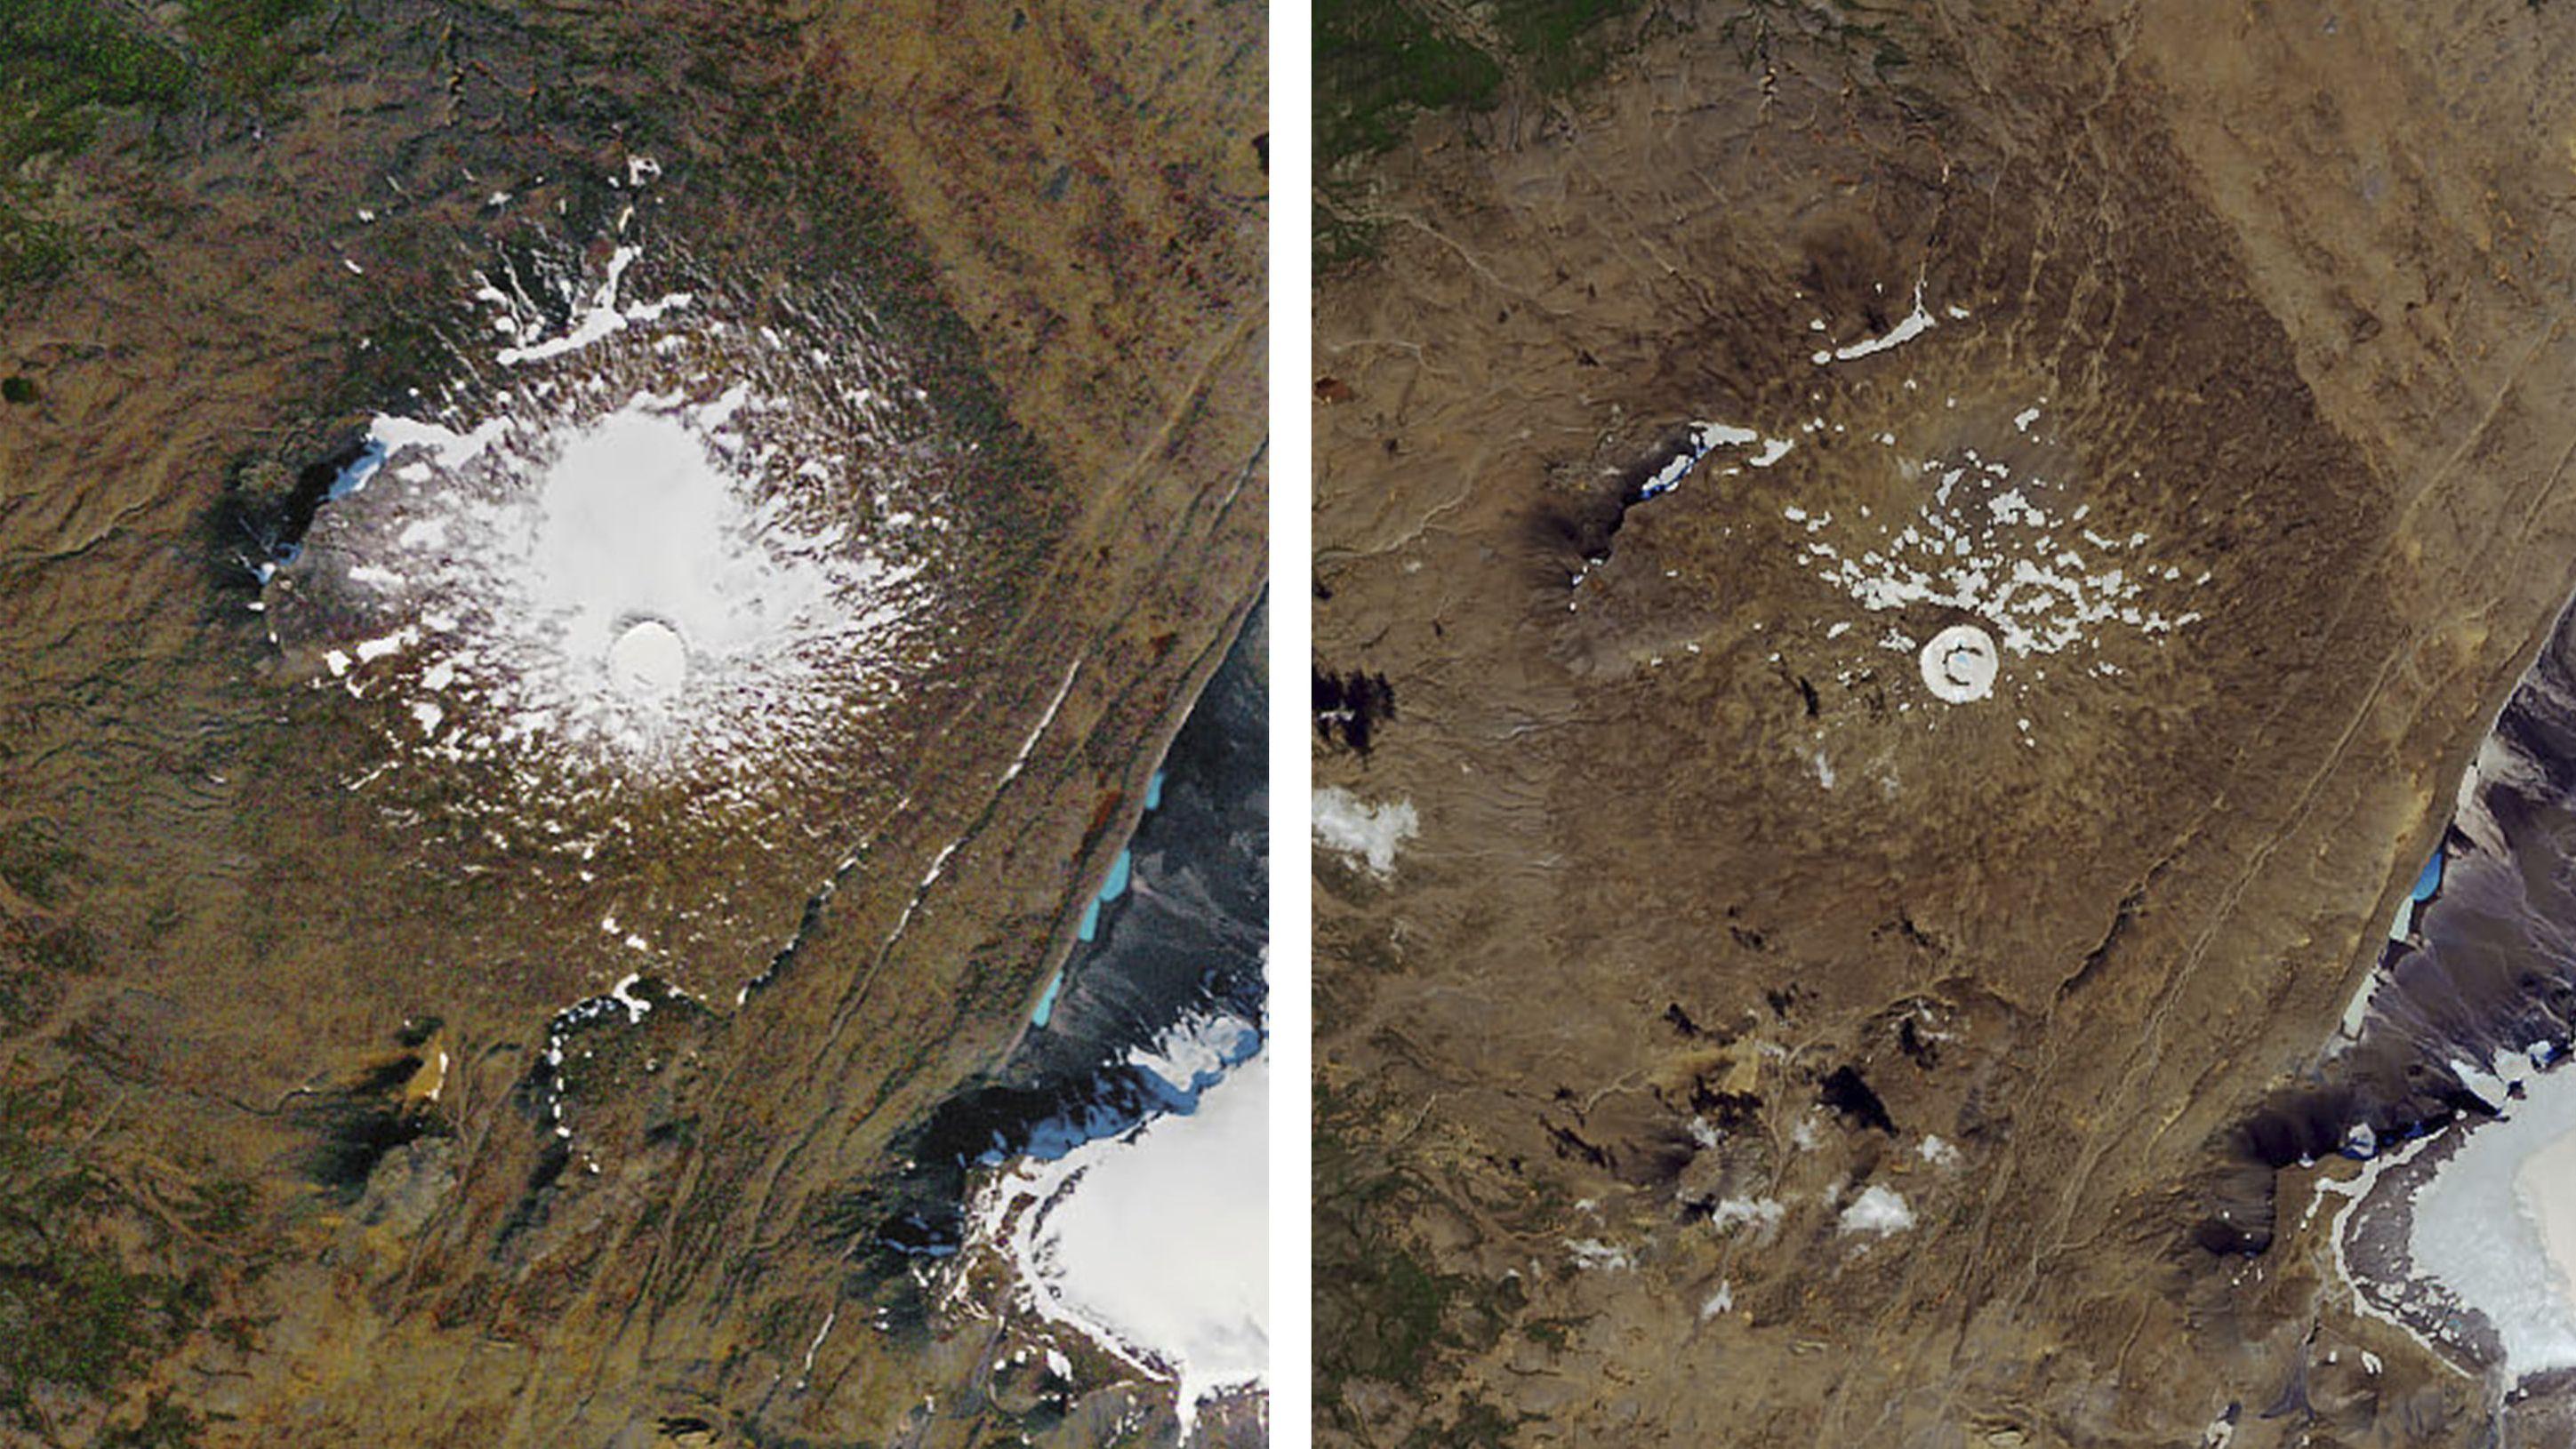 Linkes Bild: 14. September 1986. Luftaufnahme des damals noch existierenden Okjökull-Gletscher auf dem Gipfel des Vulkans Ok. Rechtes Bild: 1. August 2019.